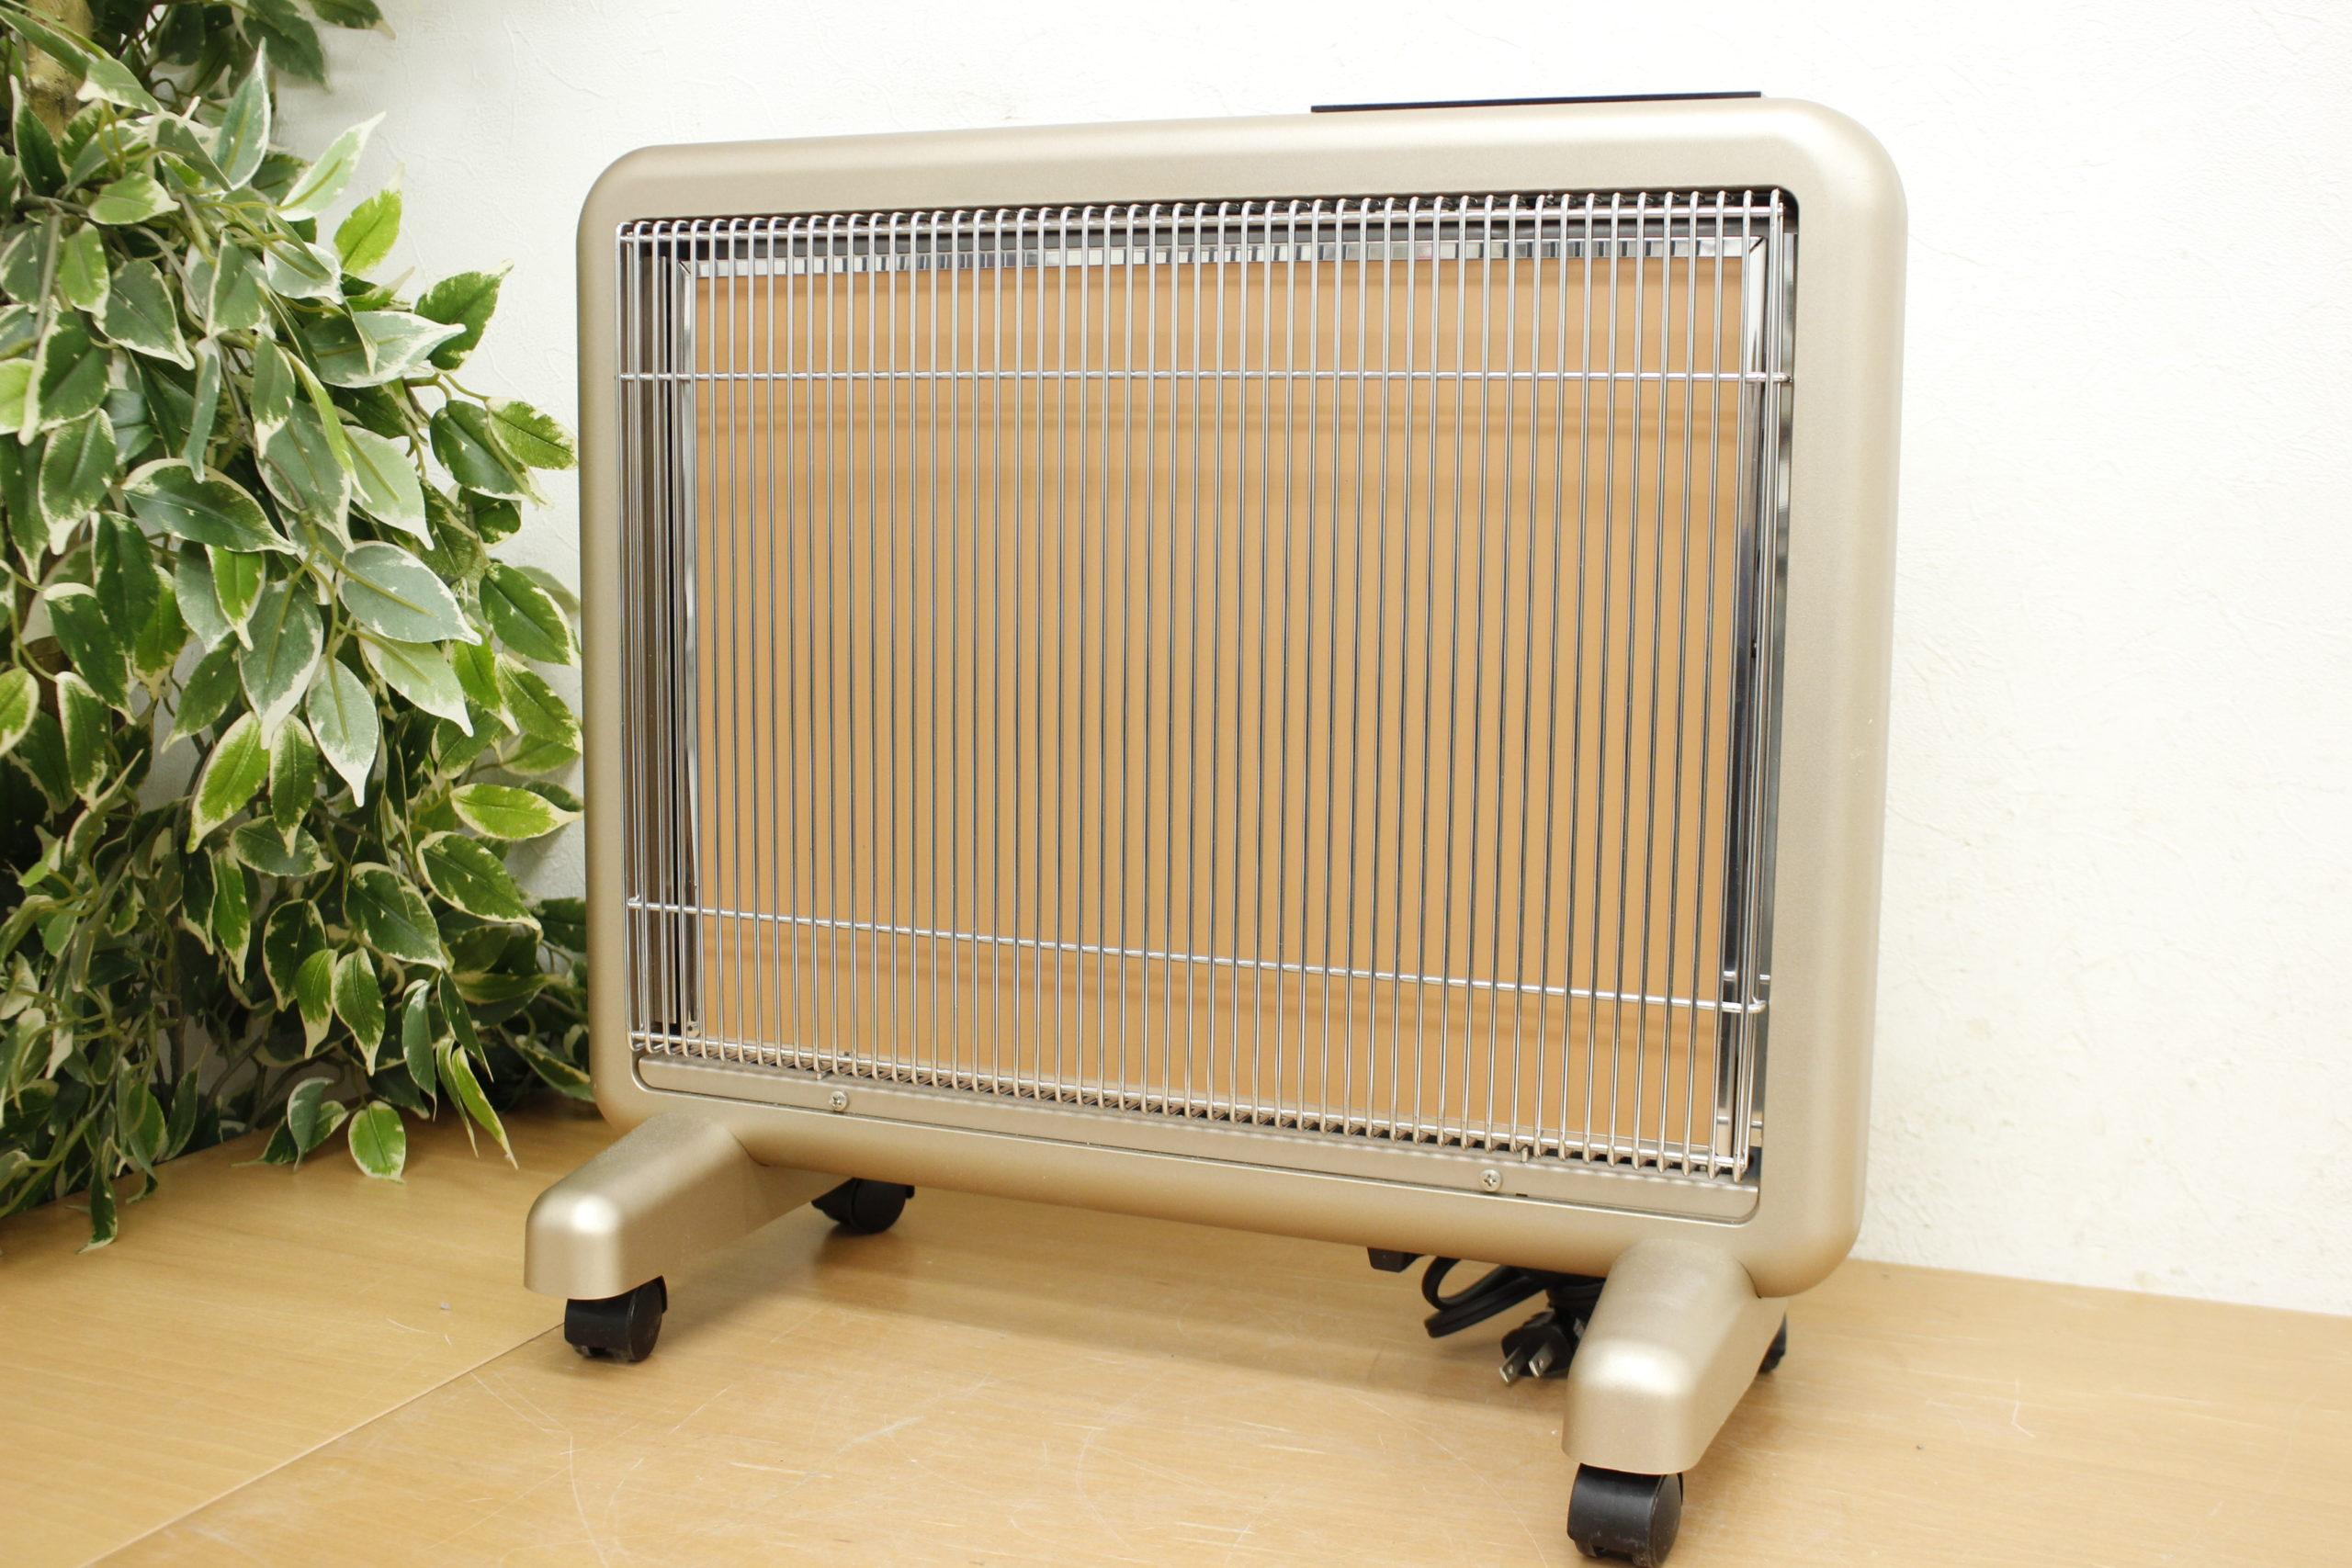 (福岡県春日市)サンルミエ 遠赤外線暖房機 パネル電気ヒーター E800L-TM 暖房器具は特に高価買取です♪の買取-